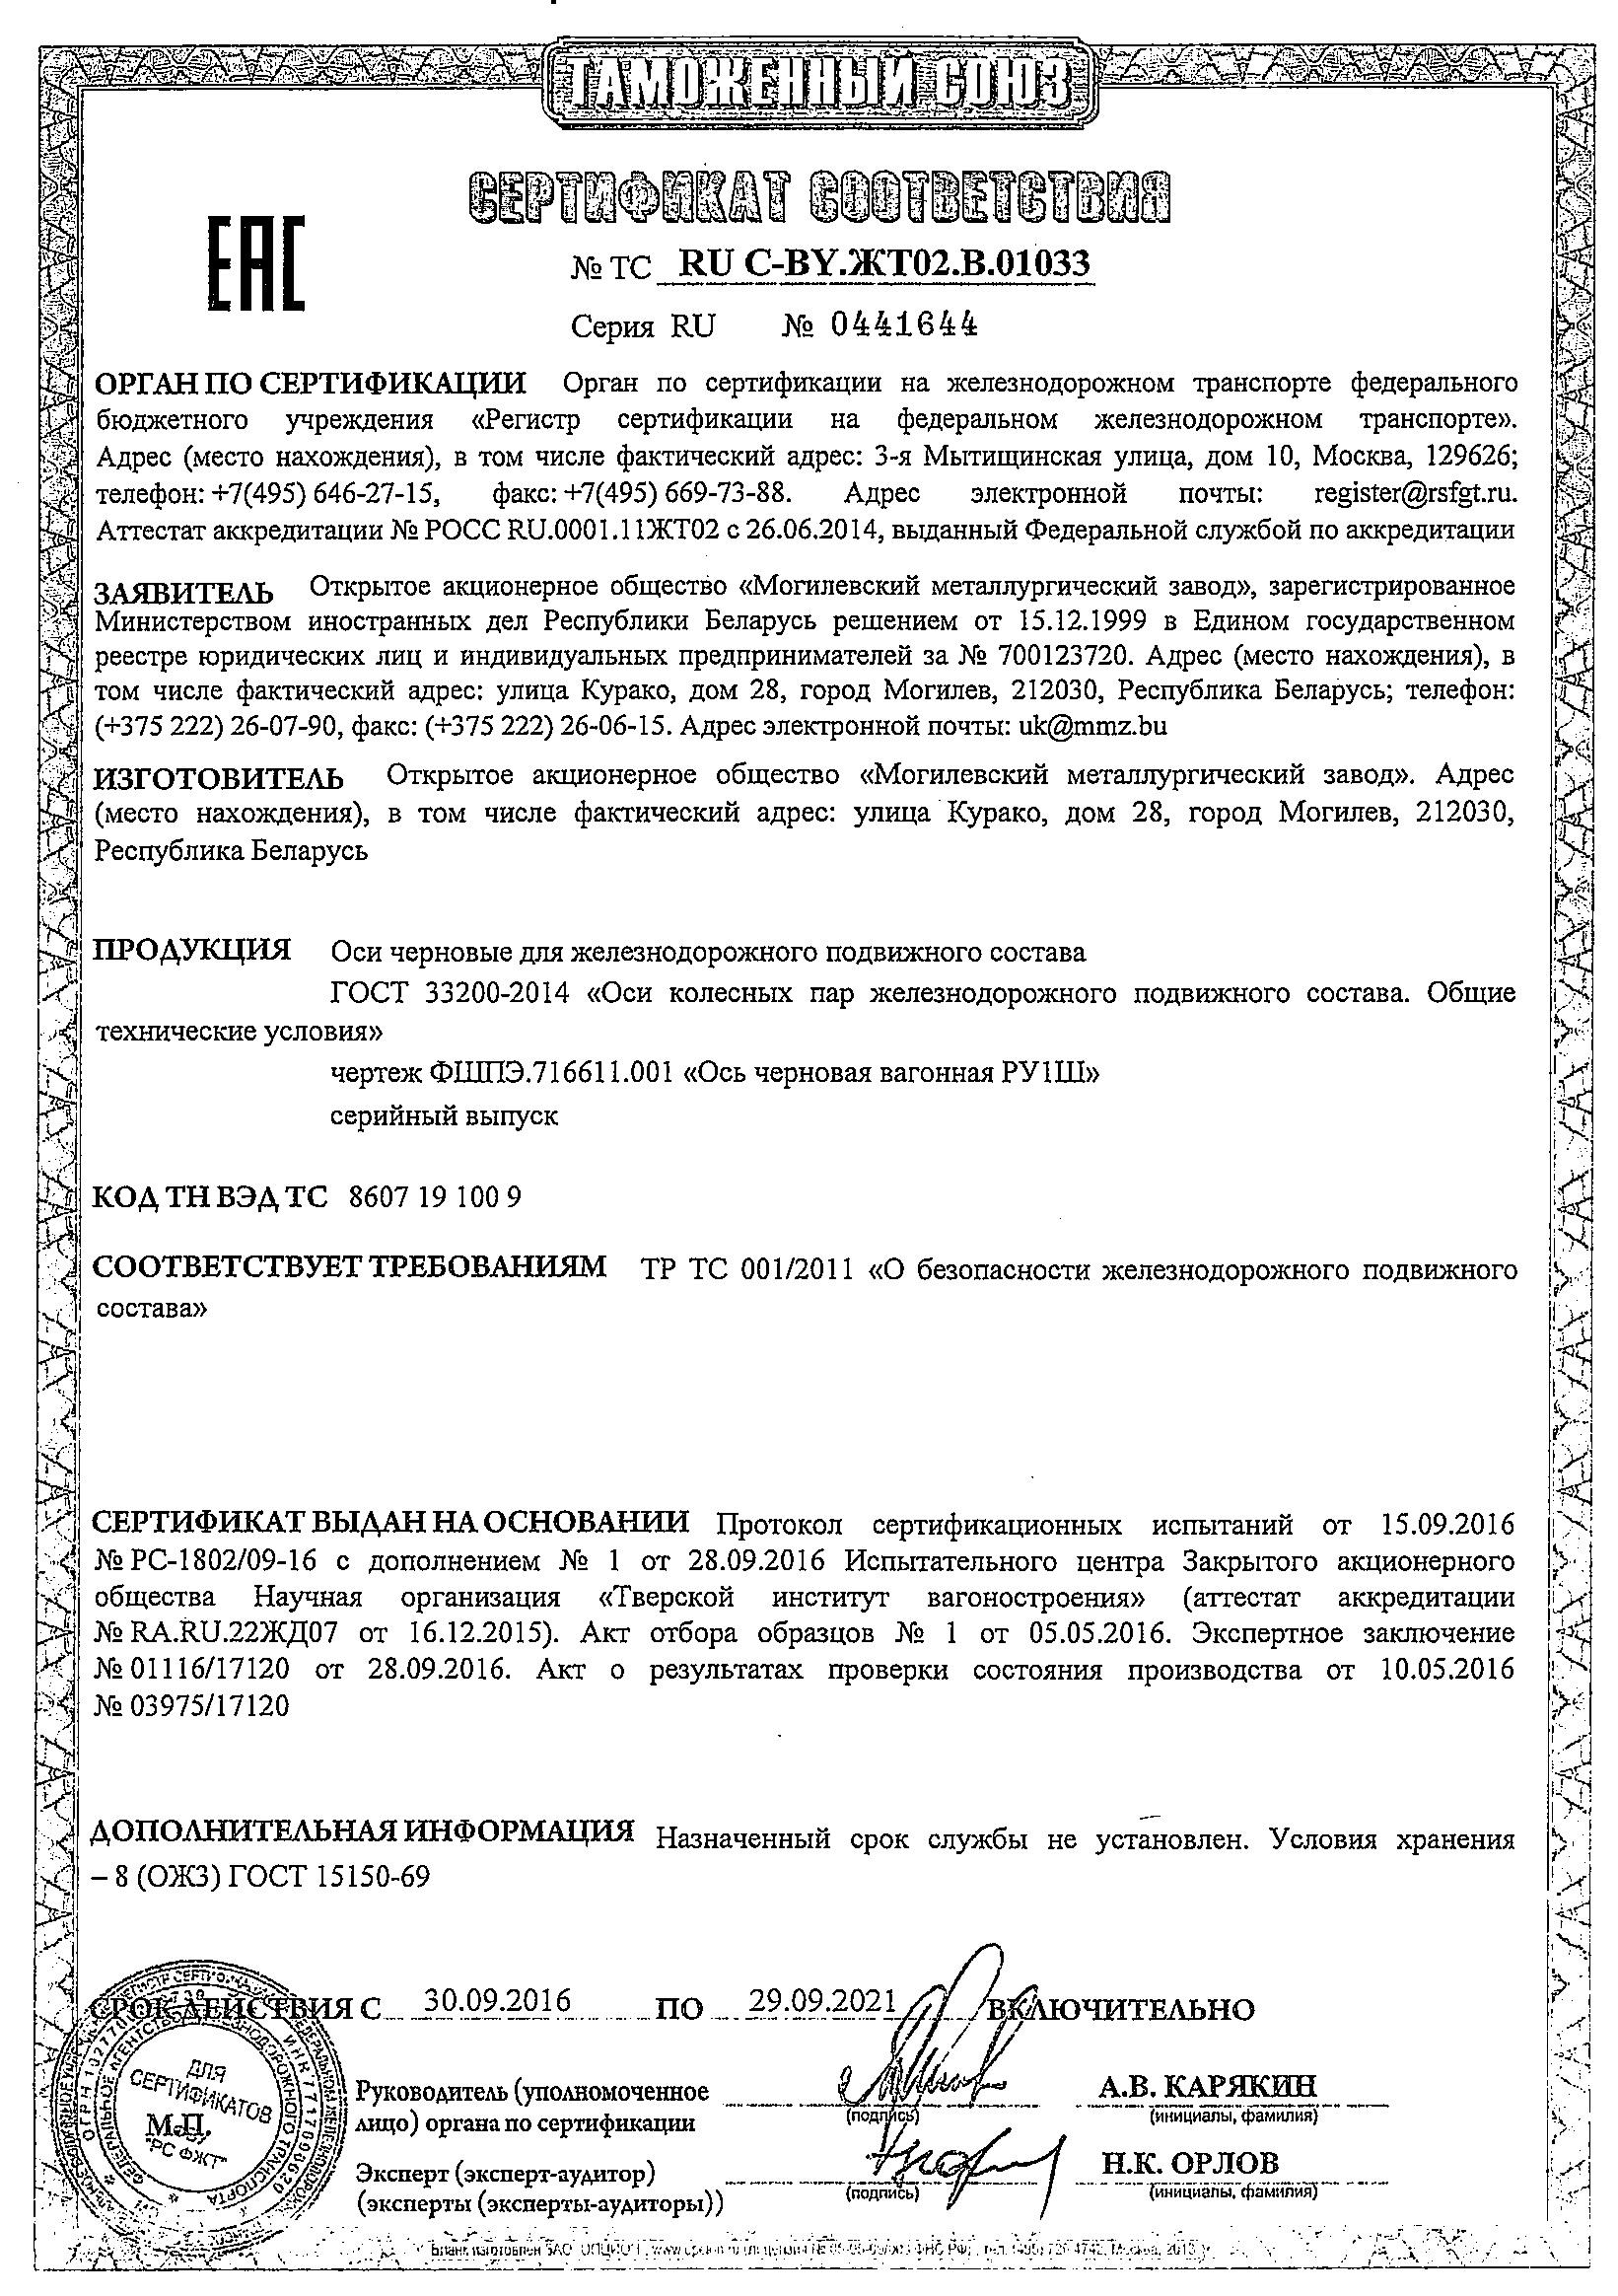 Сертификация литья для ж.д рф сертификация пихтового масла